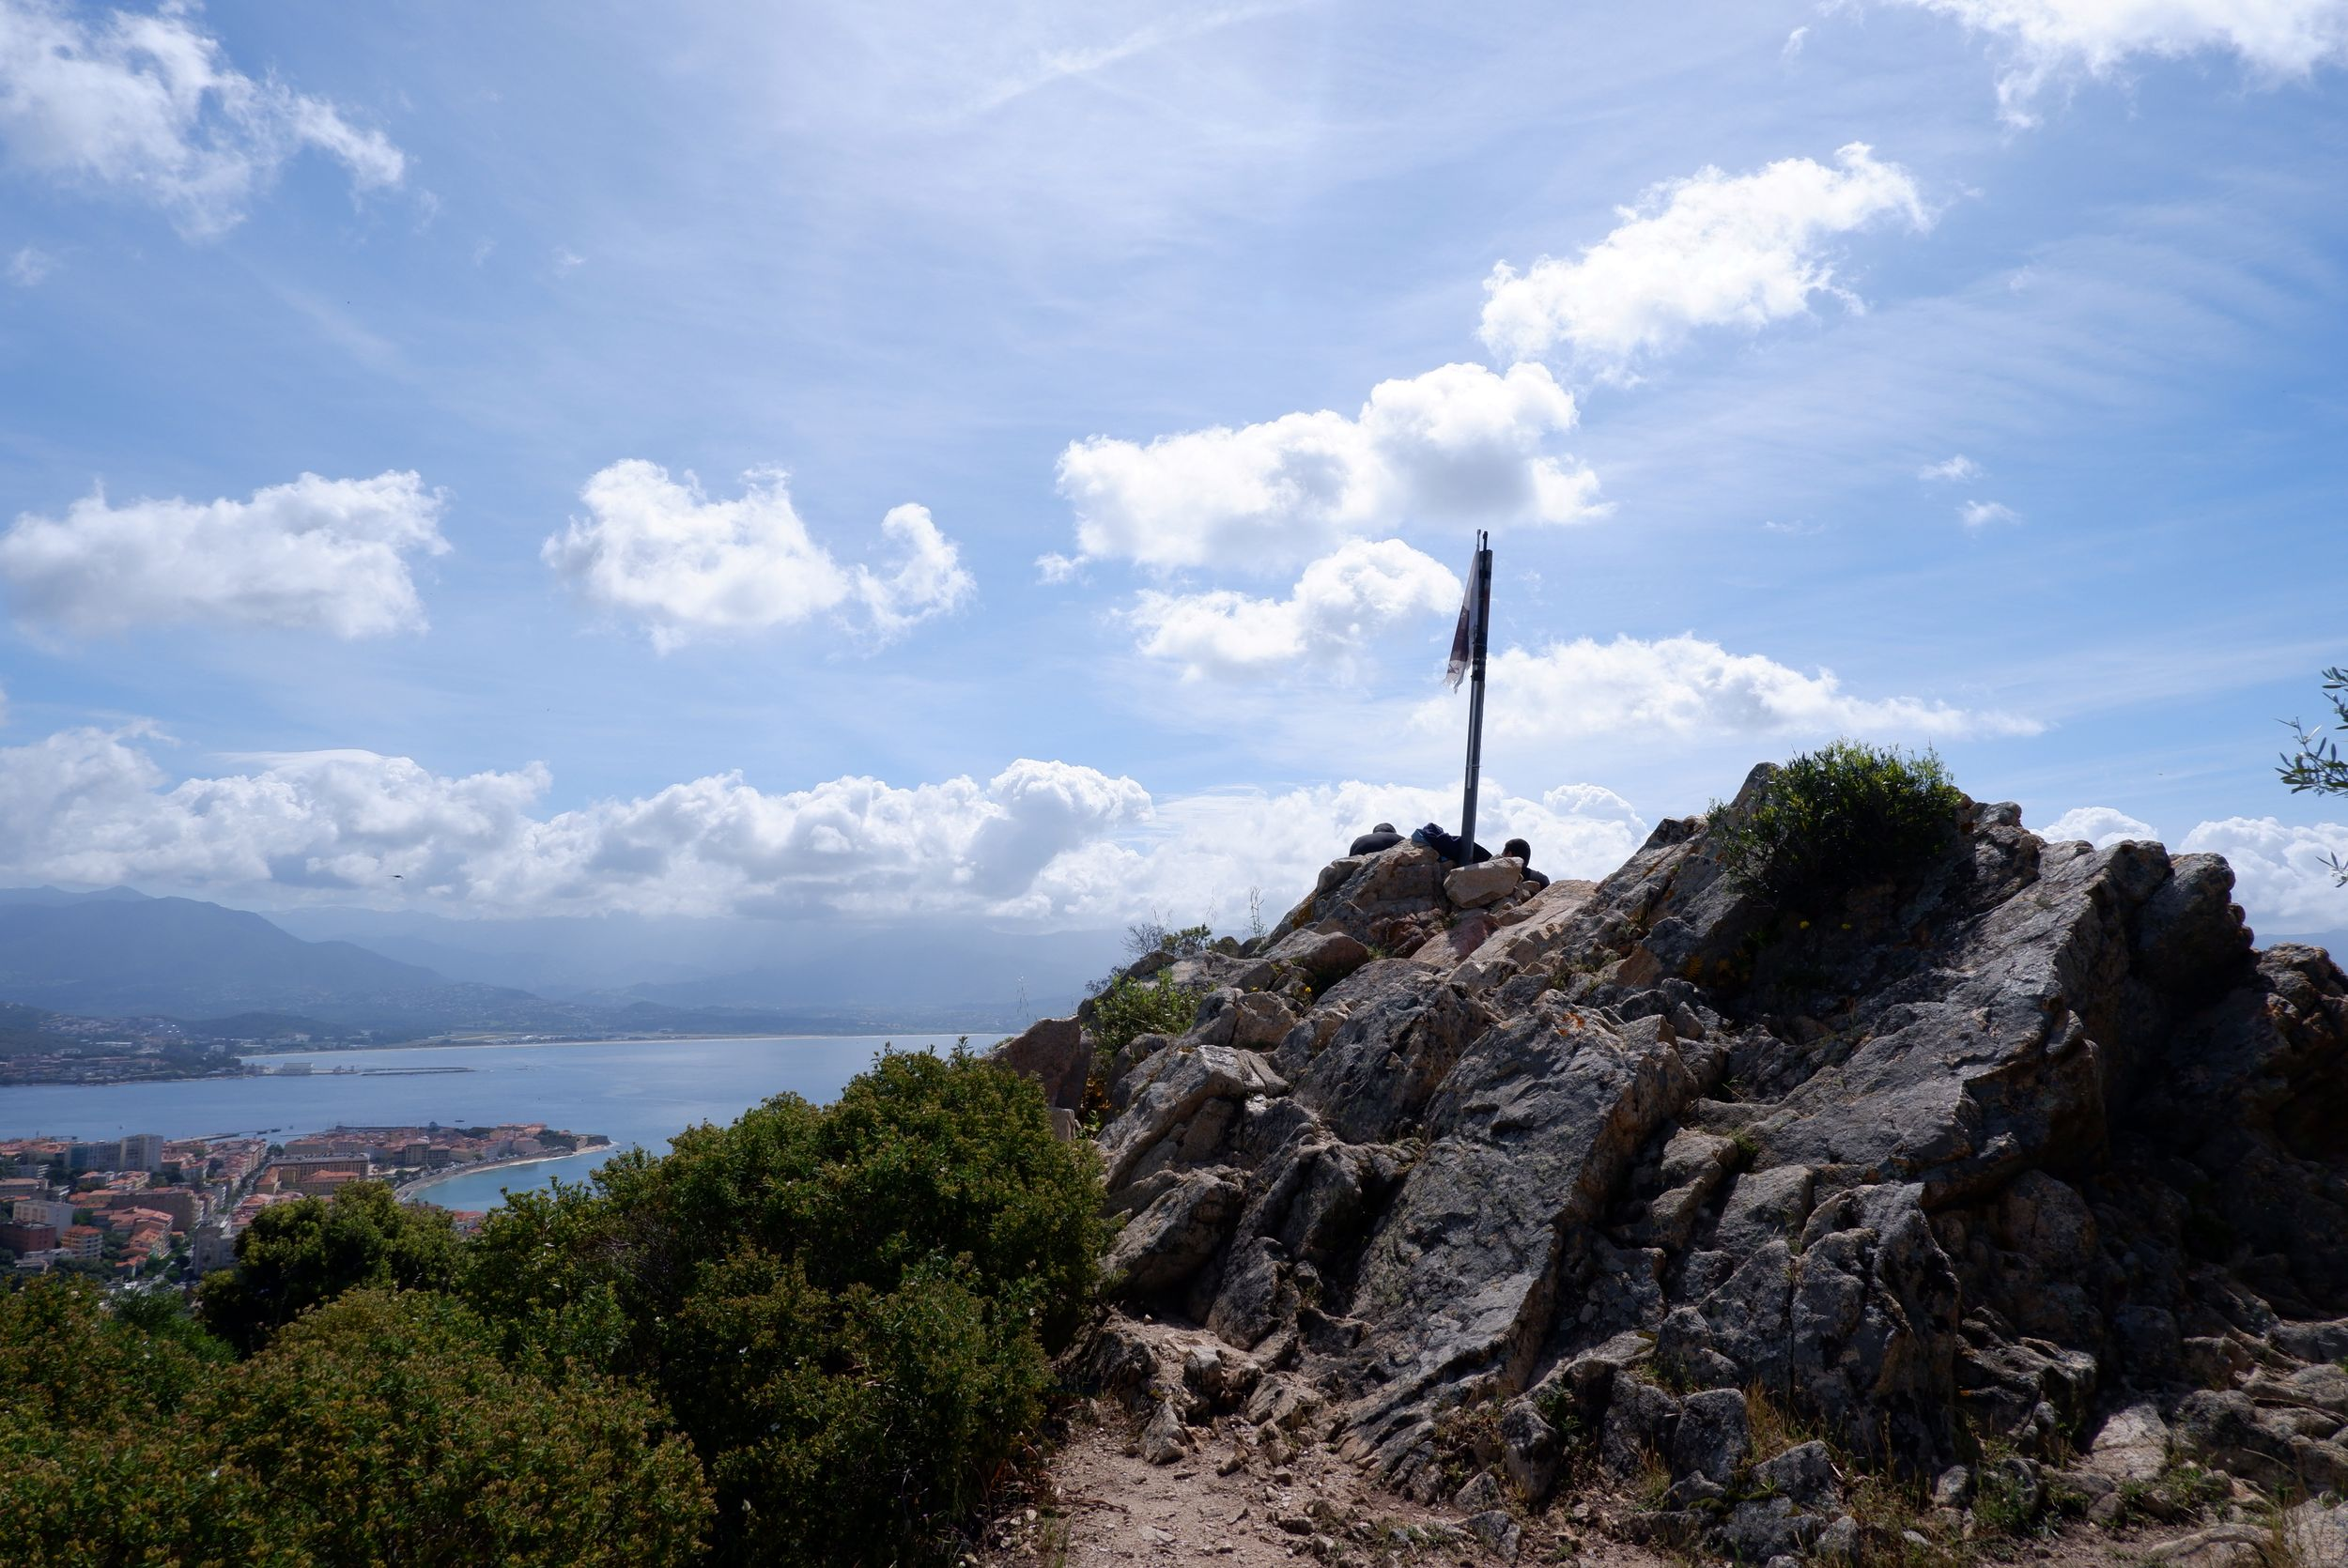 le sommet d'une montagne avec un drapeau corse